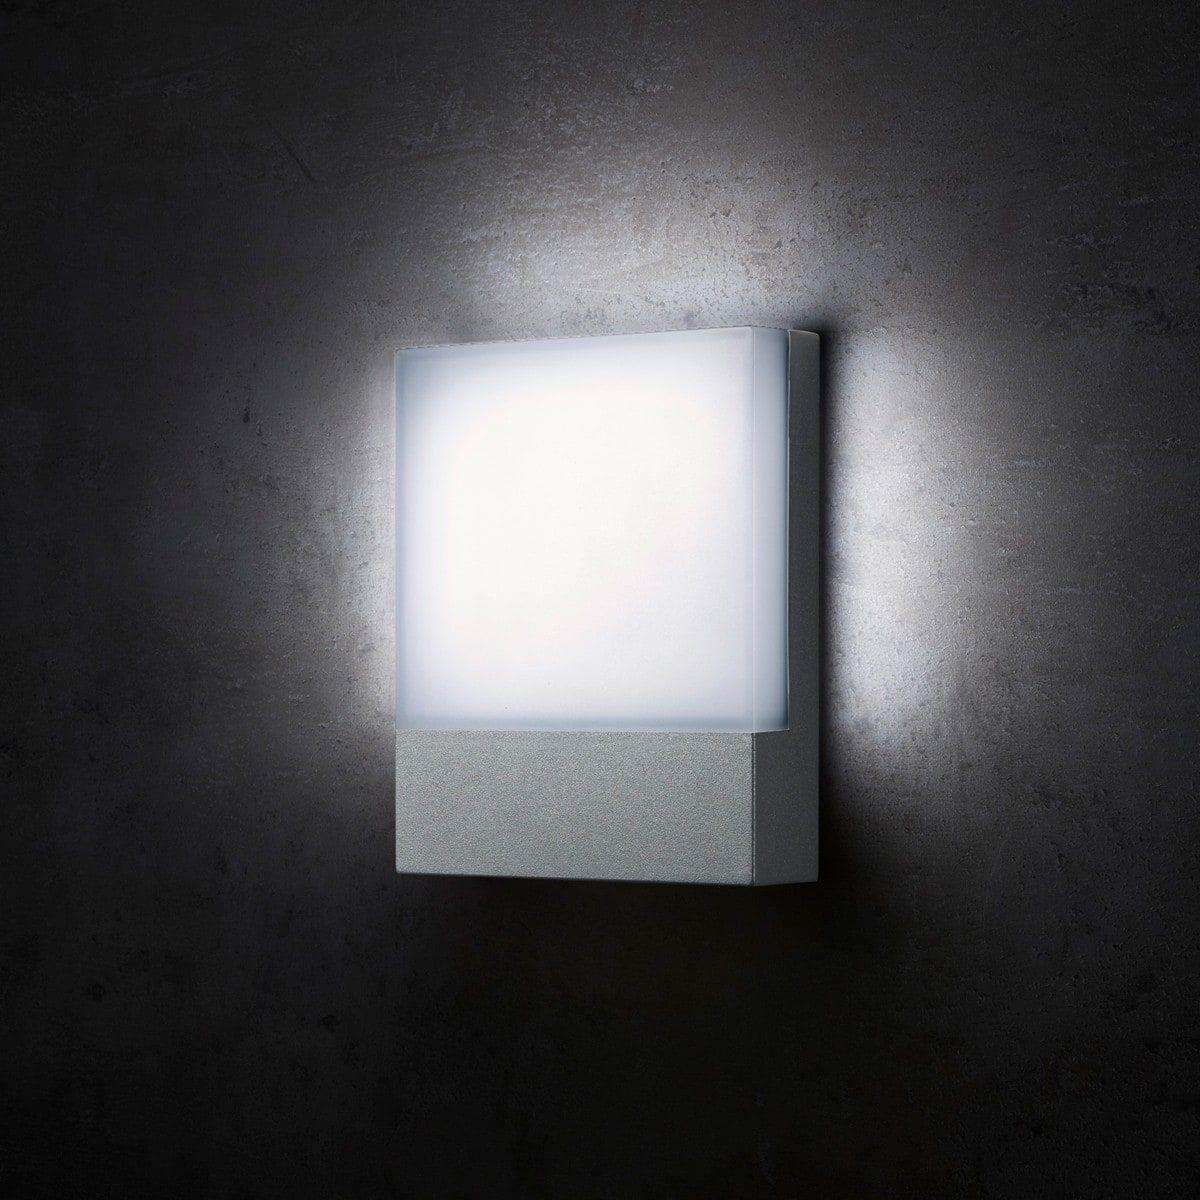 Lampe Bewegungsmelder Batterie Aussen Aussenleuchte Wandleuchte Mit Bewegungsmelder Und Schalter Fur In 2020 Aussenwandleuchte Led Strahler Leuchte Mit Bewegungsmelder